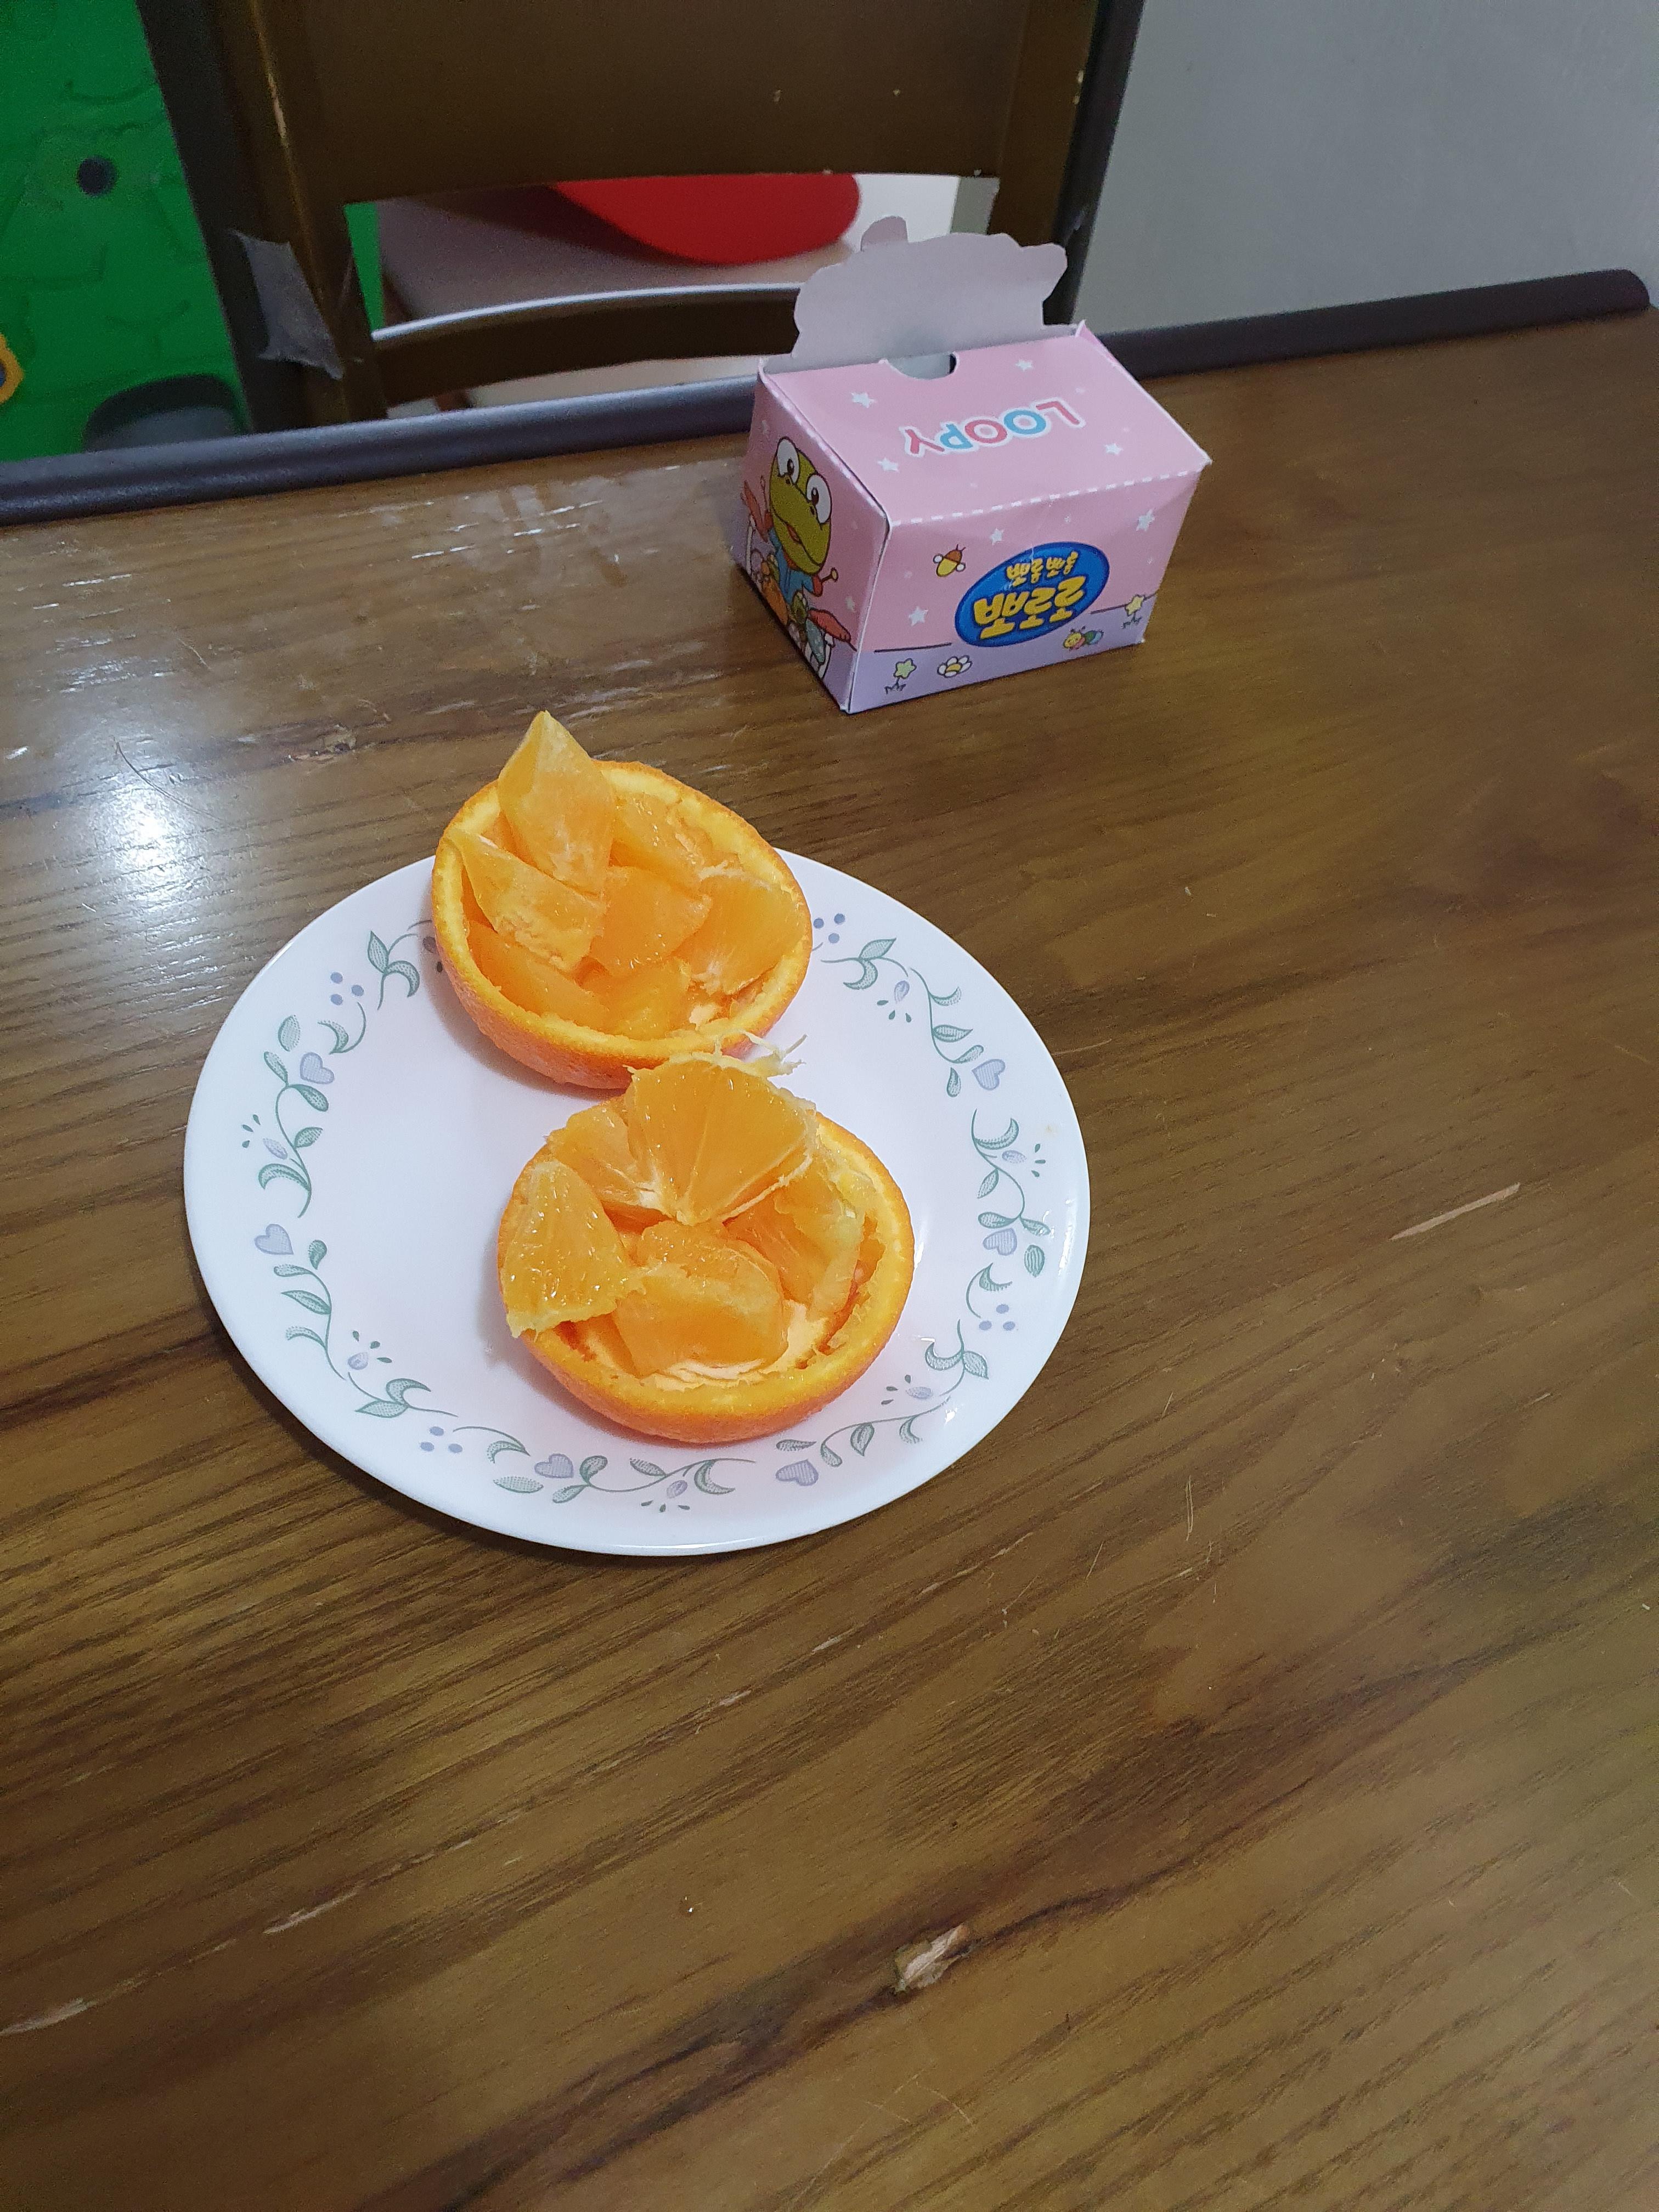 오렌지 그릇, 오렌지 예쁘게 까는 법 (유튜브 보고 따라해봤어요)